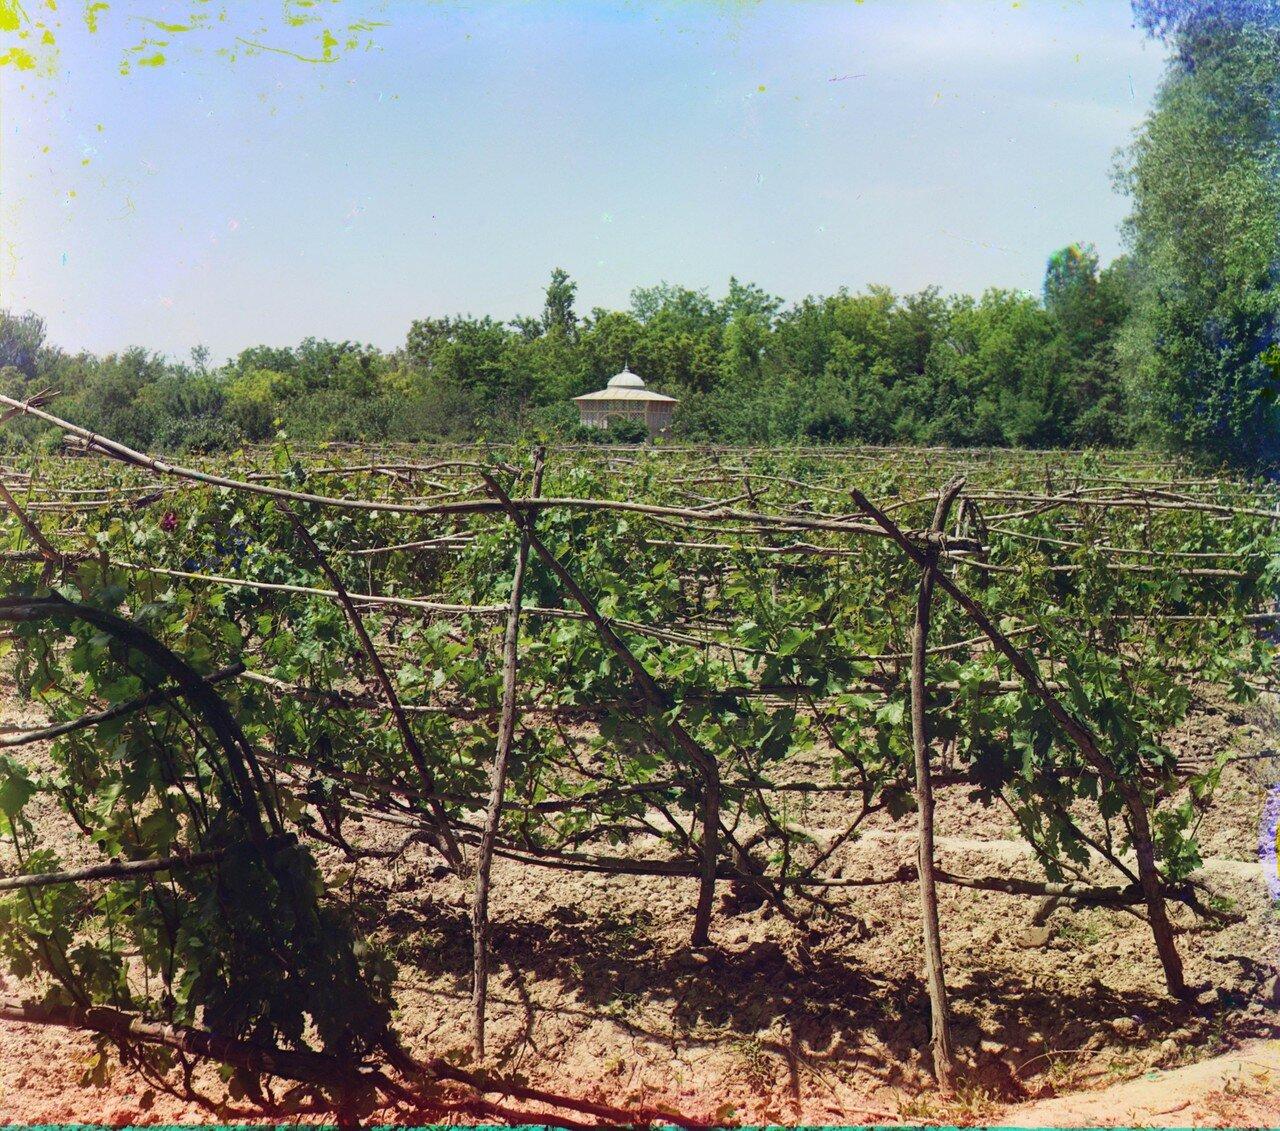 Окрестности Мерва. Байрам-Али. Мургабское имение. Виноградники в Мургабском имении